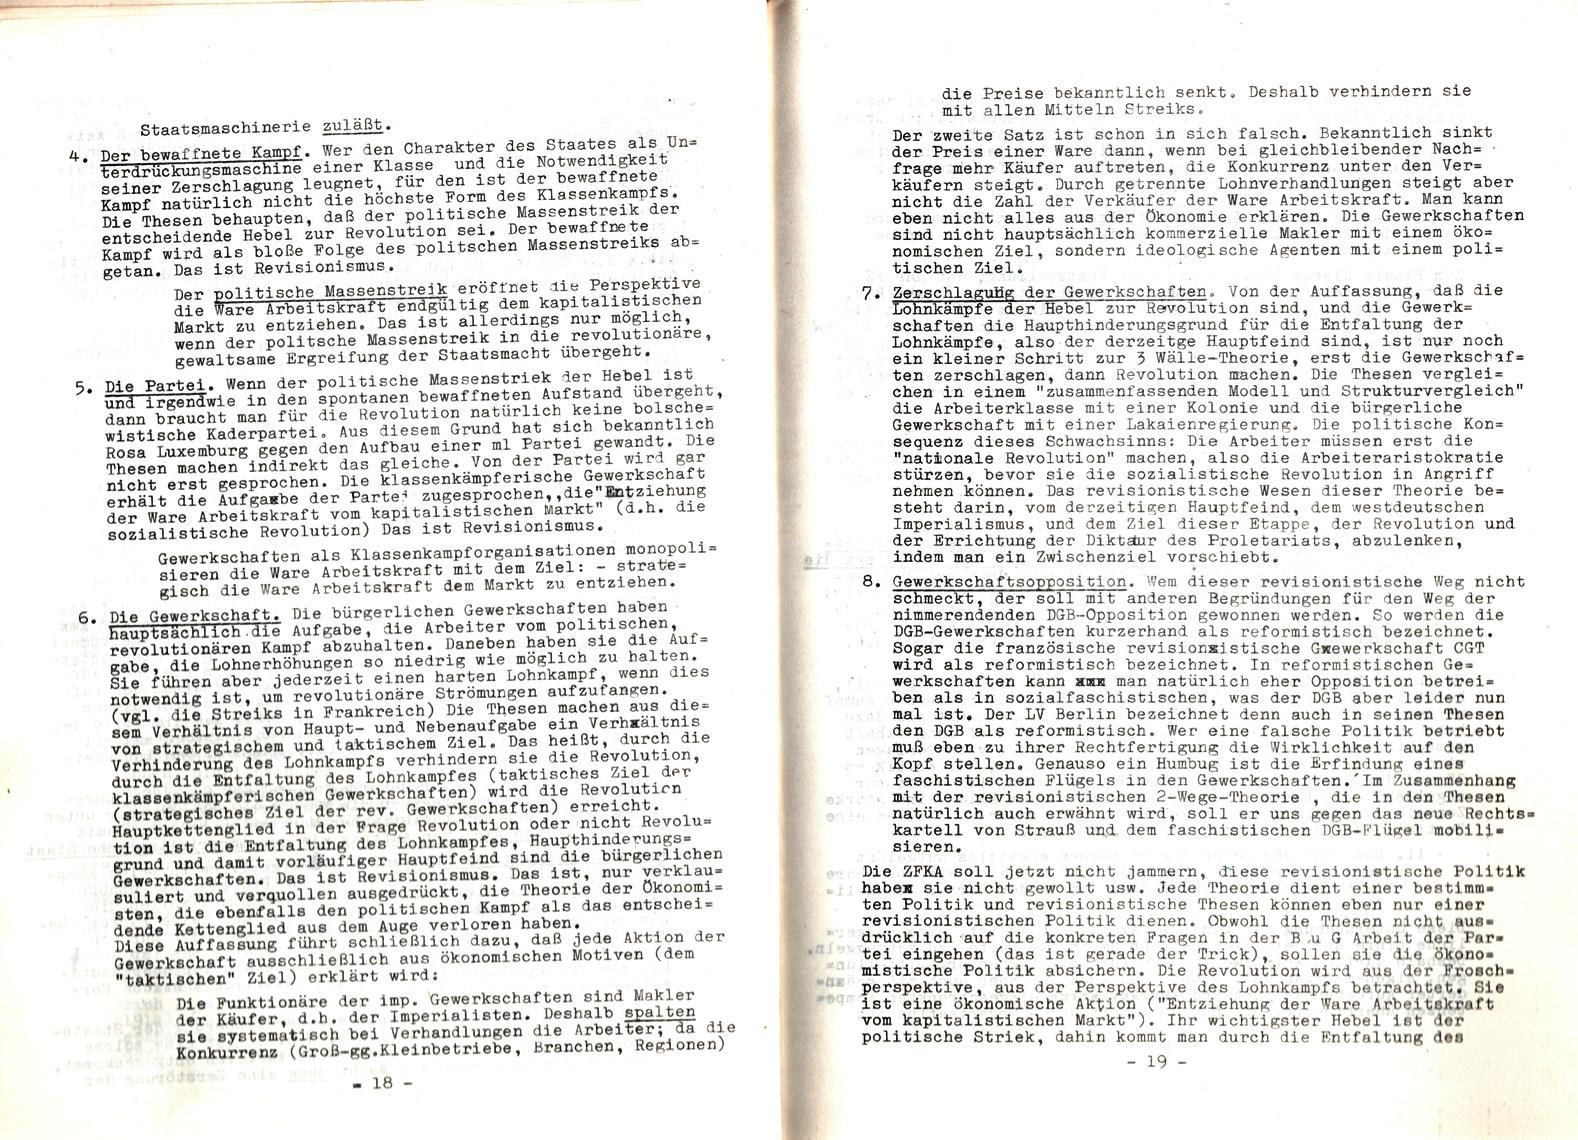 KPDML_1971_Analysen_und_Antraege_des_LV_Sued_West_031